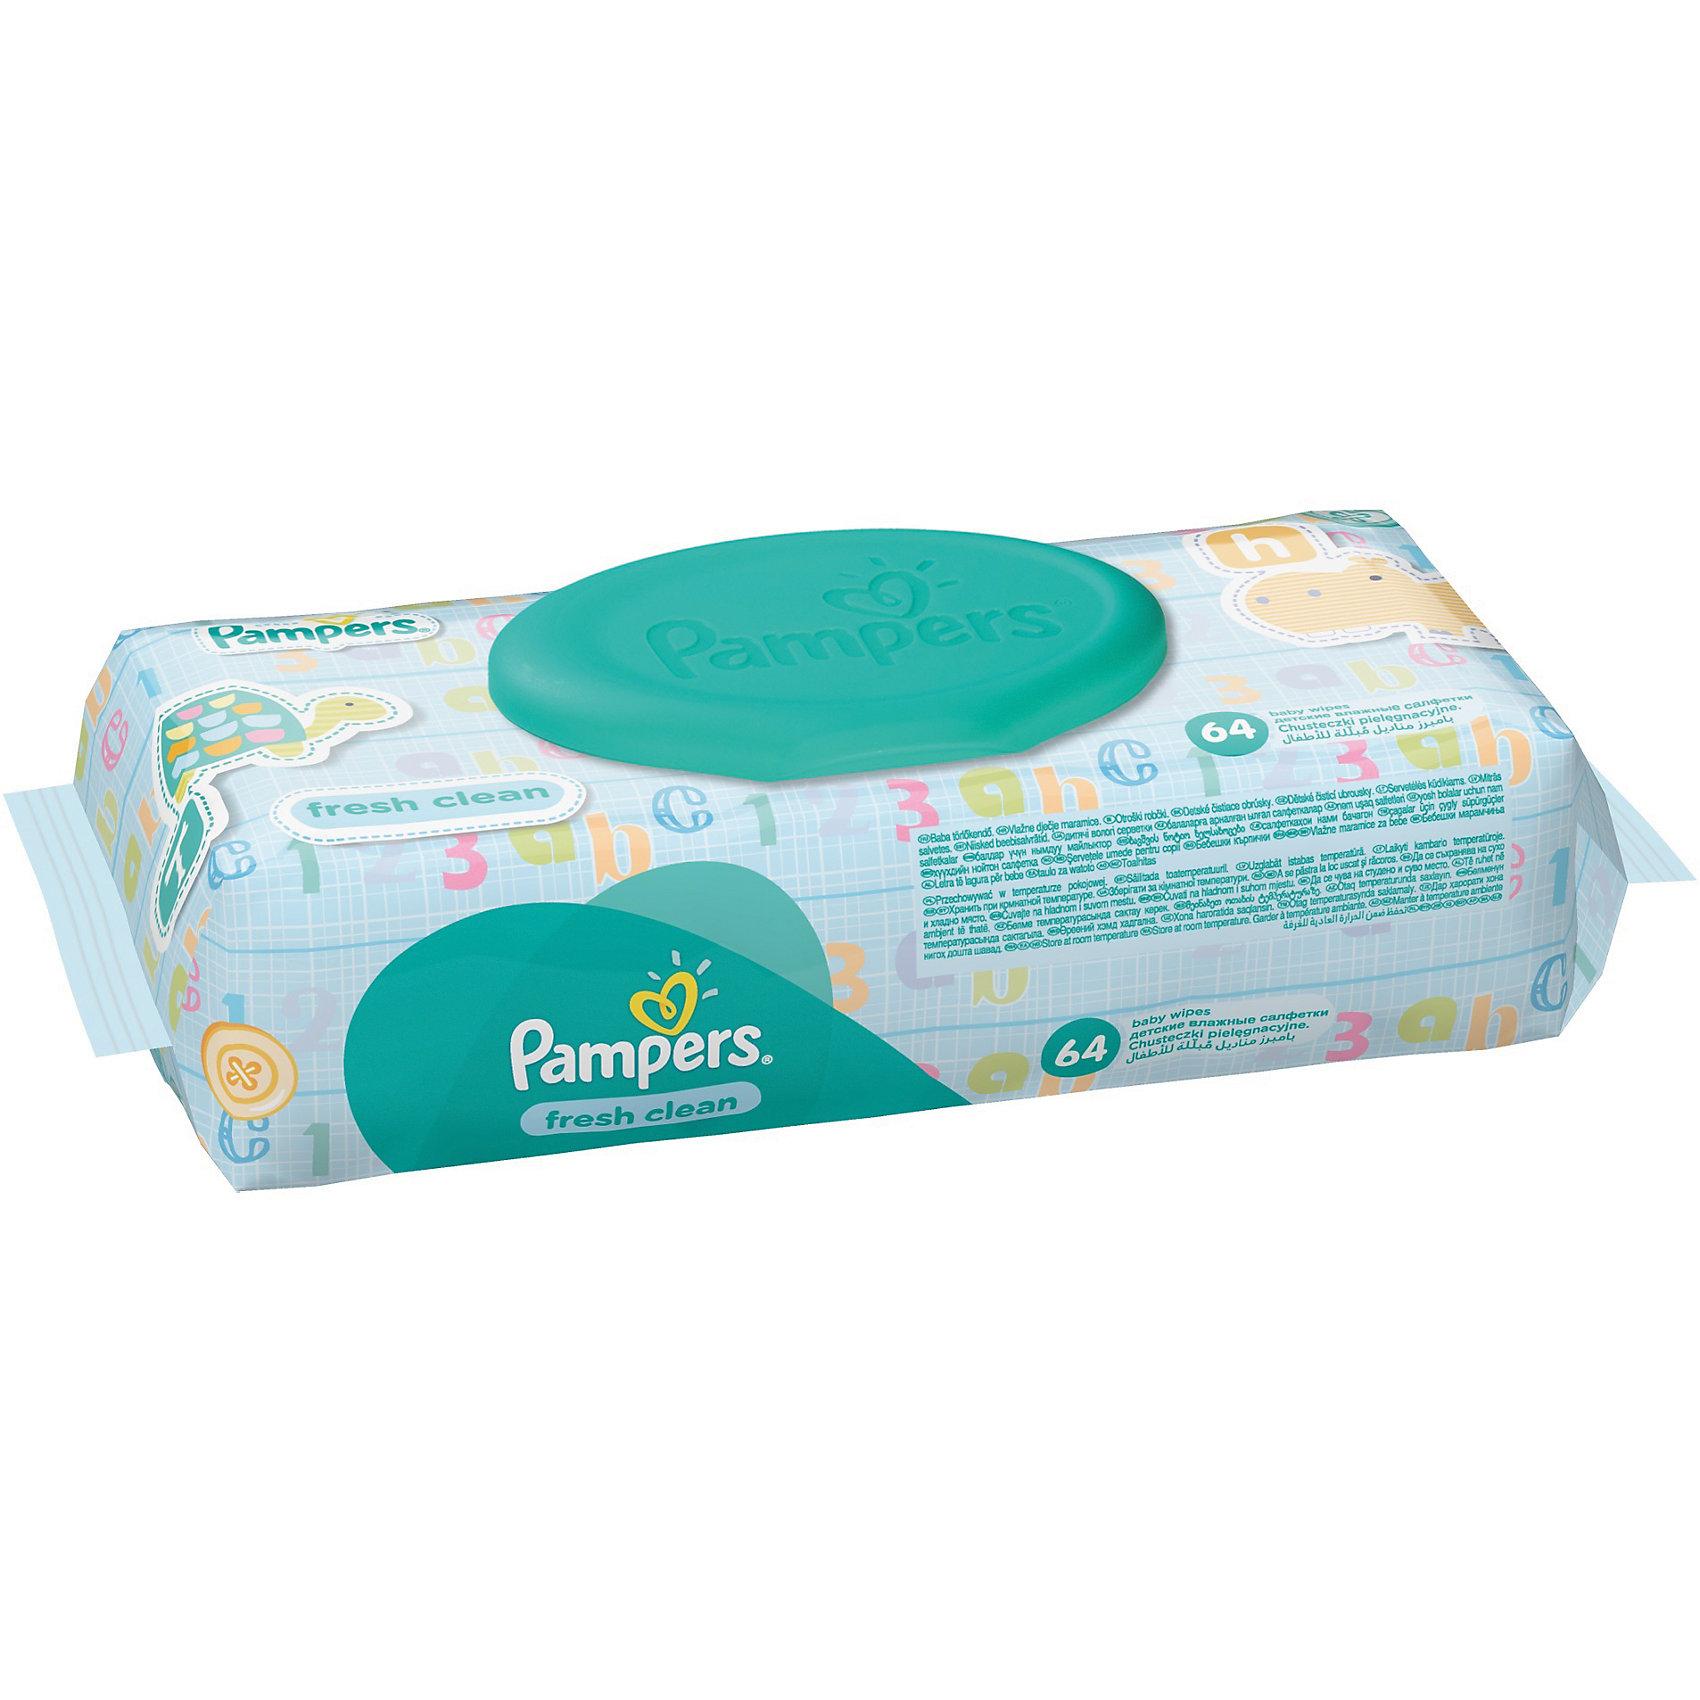 Салфетки детские влажные Pampers  Baby Fresh Clean, 64 шт., PampersВлажные салфетки<br>Характеристики:<br><br>• Пол: универсальный<br>• Тип салфеток: одноразовые<br>• Вид салфеток: влажные<br>• Коллекция: Baby Fresh Clean<br>• Предназначение: для гигиены<br>• Количество в упаковке: 64 шт.<br>• Материал салфеток: 100% целлюлоза<br>• Состав лосьона: 95% вода, 5% экстракт натуральных масел<br>• Упаковка: полиэтиленовая упаковка с пластиковым клапаном многоразового использования<br>• Размер упаковки: 18,5*9,1*4,9 см<br>• Вес в упаковке: 414 г<br>• Поддерживает естественный ph уровень<br>• Мягкий верхний слой SoftGrip<br>• Дополнительное увлажнение<br>• Прошли дерматологические тестирования<br><br>Салфетки детские влажные Pampers Baby Fresh Clean, 64 шт., Pampers – это линейка детских гигиенических салфеток от Pampers, предназначенных для ухода за нежной кожей новорожденных и младенцев. Салфетки выполнены из 100% целлюлозы, имеют мягкий верхний слой SoftGrip, который не раздражает кожу ребенка во время процедур, при этом хорошо удерживает влагу. <br><br>Изделия пропитаны лосьоном, состоящим из 95% воды и 5% экстракта натуральных масел, что делает эти салфетки гипоаллергенными. Благодаря своему составу салфетки можно использовать для чувствительной кожи. Салфетки упакованы в полиэтиленовую упаковку и пластиковым защитным клапаном, что обеспечивает длительное сохранение их очищающих свойств и защищает от высыхания.<br><br>Салфетки детские влажные Pampers Baby Fresh Clean, 64 шт., Pampers можно купить в нашем интернет-магазине.<br><br>Ширина мм: 185<br>Глубина мм: 91<br>Высота мм: 49<br>Вес г: 414<br>Возраст от месяцев: 0<br>Возраст до месяцев: 36<br>Пол: Унисекс<br>Возраст: Детский<br>SKU: 5419095